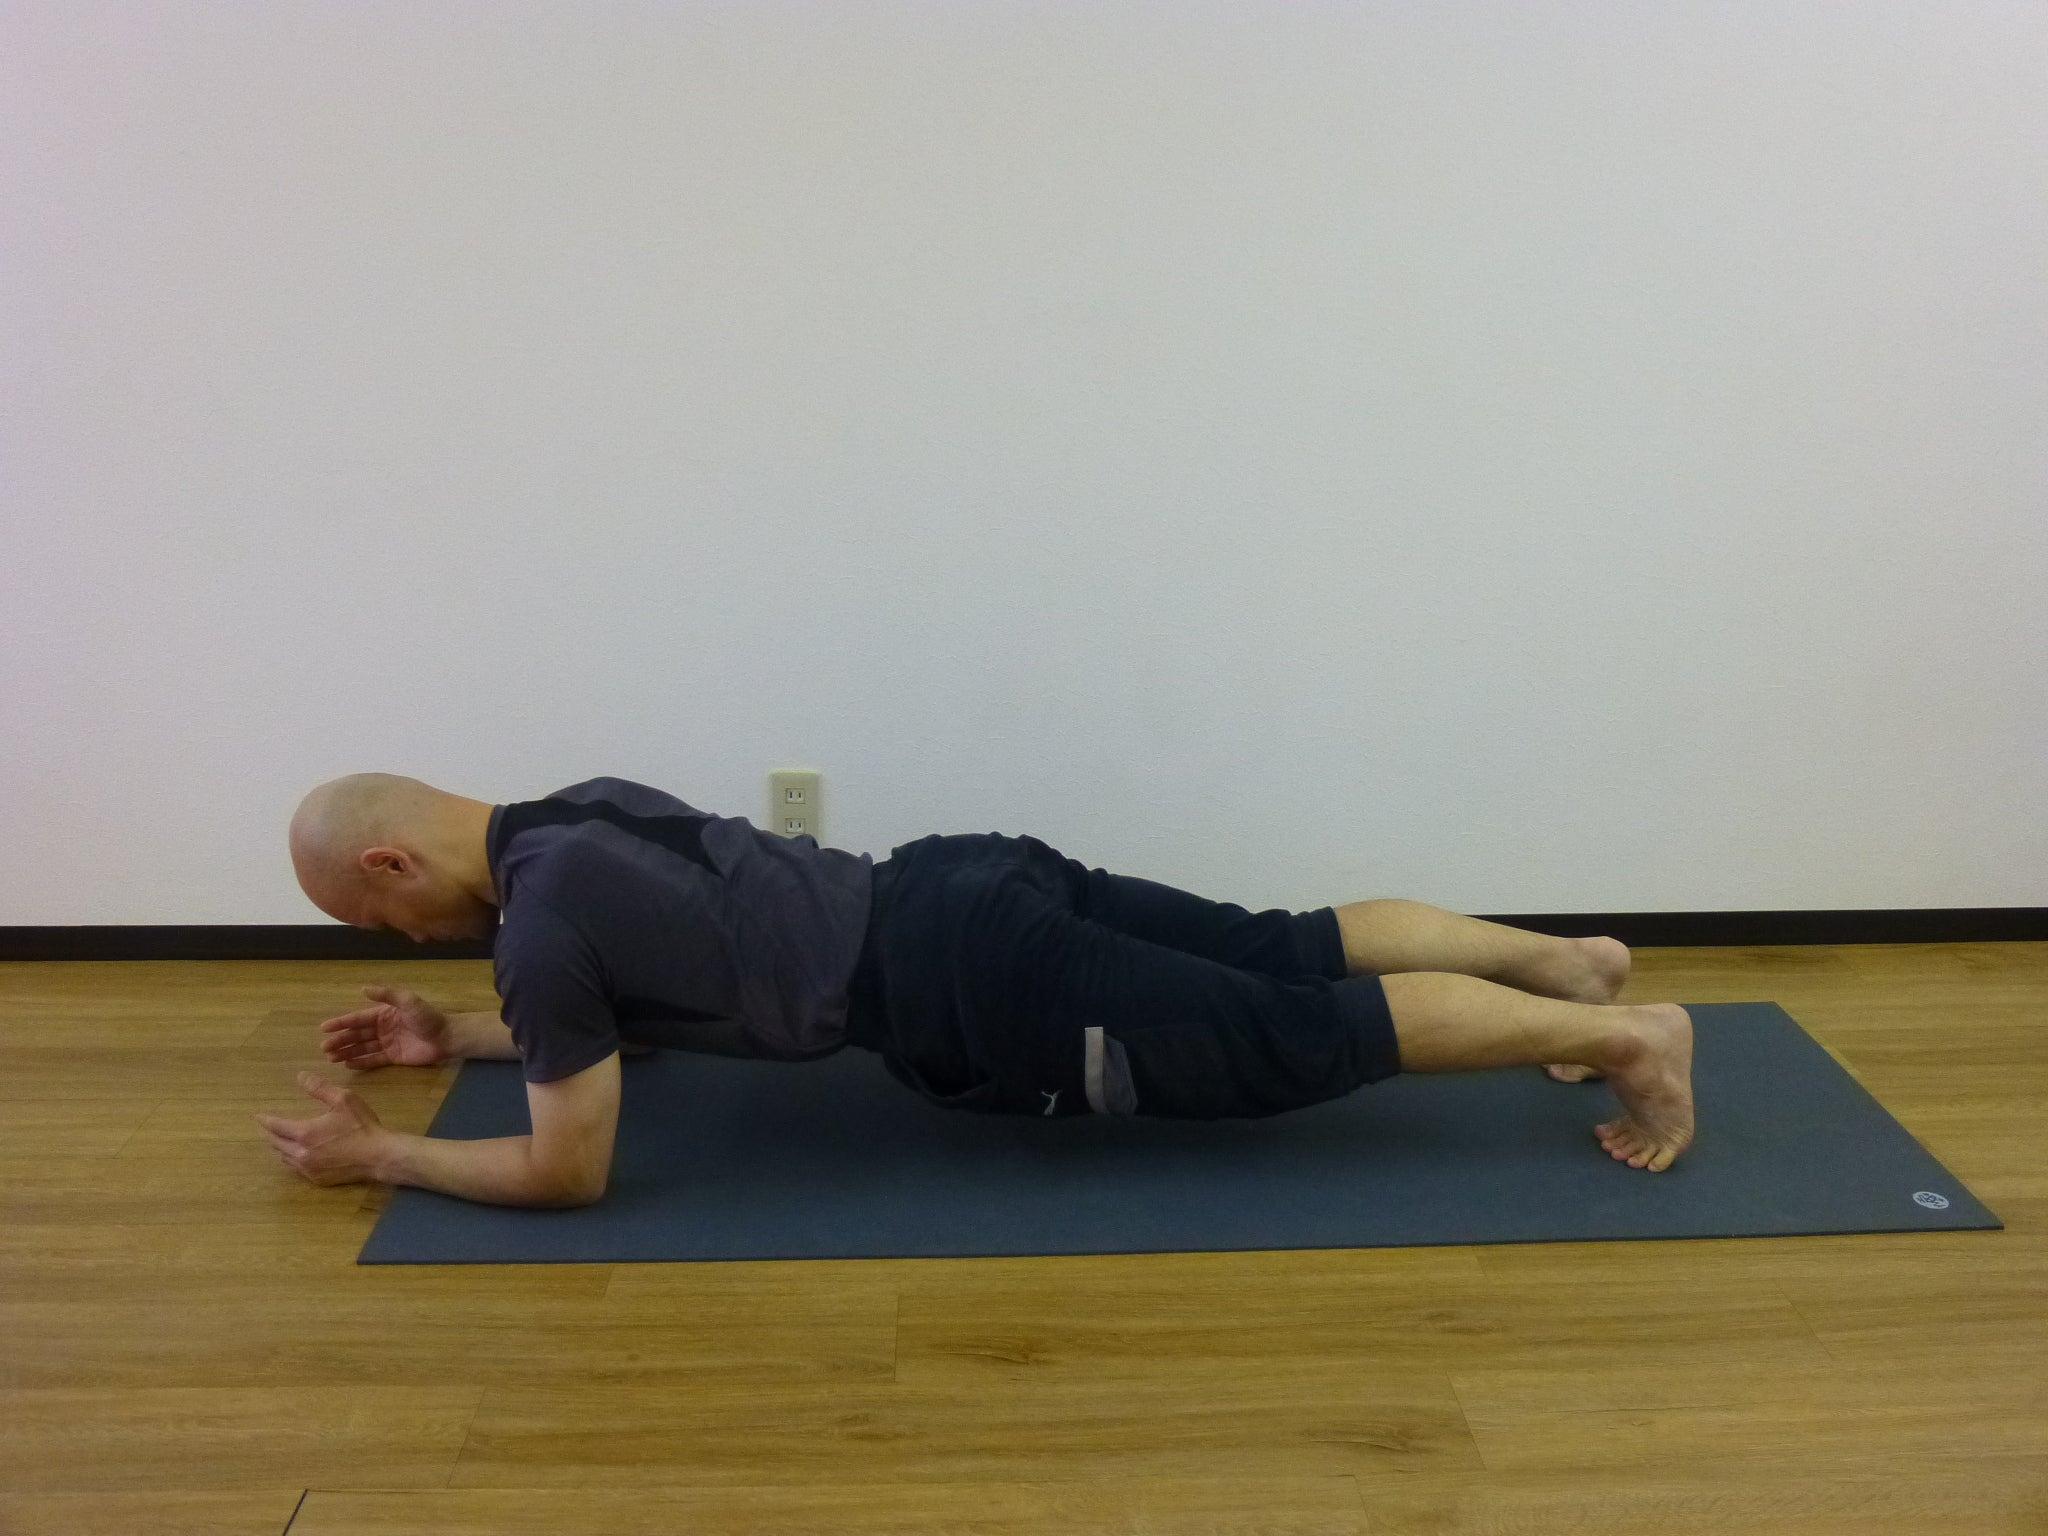 い プランク 腰痛 【ぎっくり腰悪化】なぜ体幹トレーニングのプランクは腰痛を悪化させるのか?